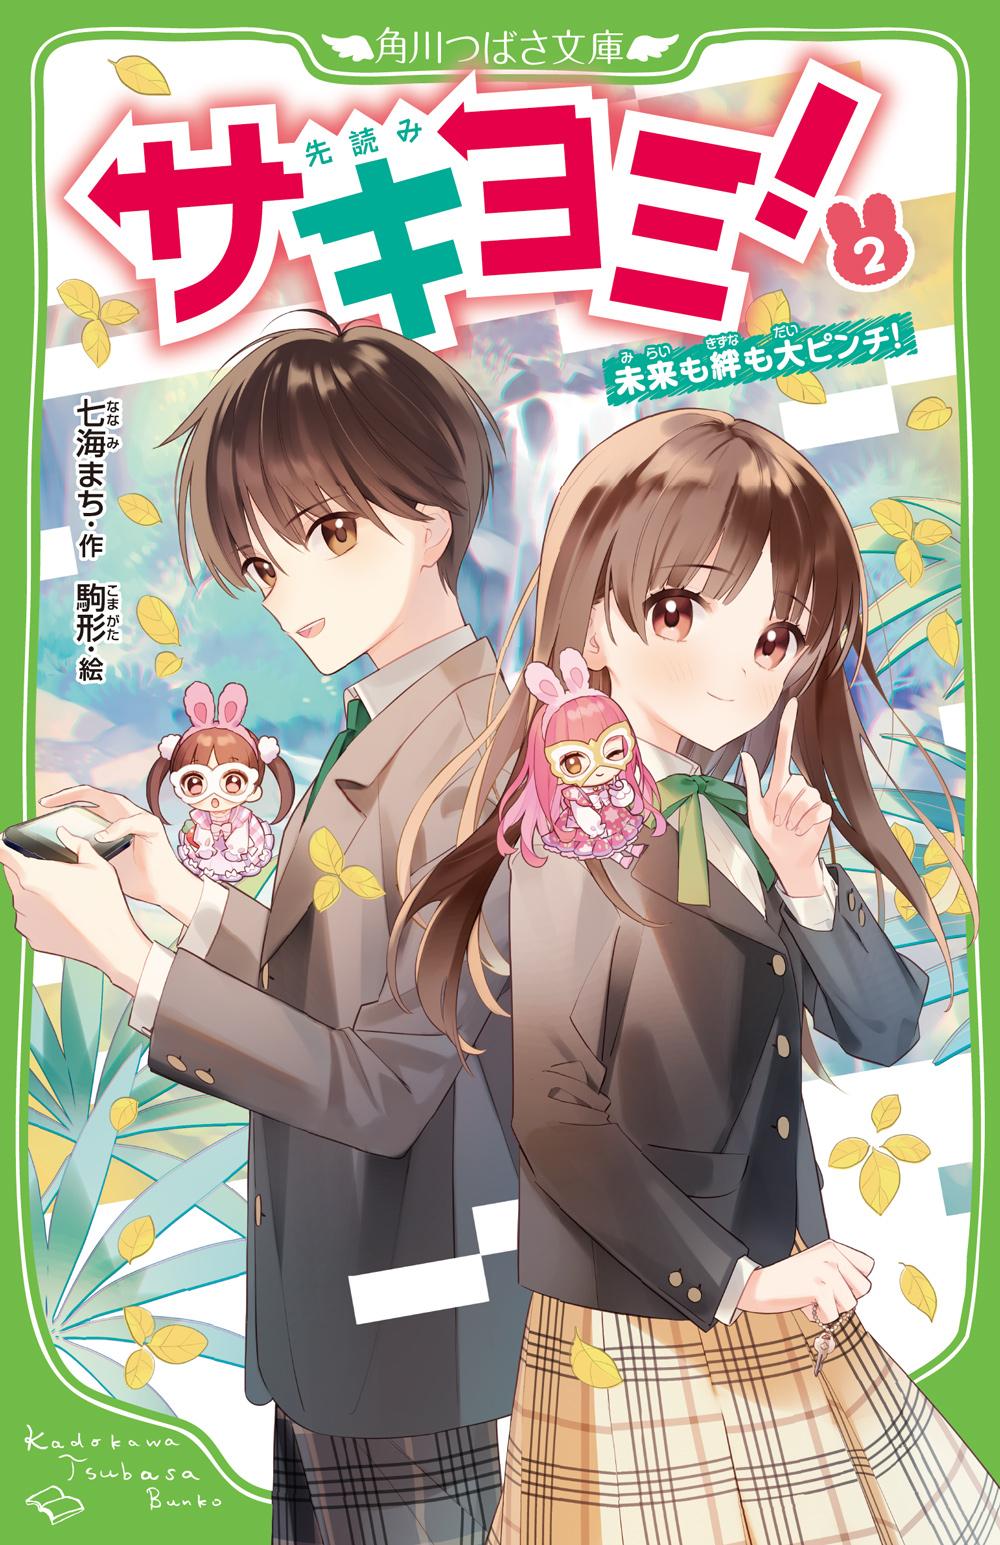 サキヨミ!(2) 未来も絆も大ピンチ!